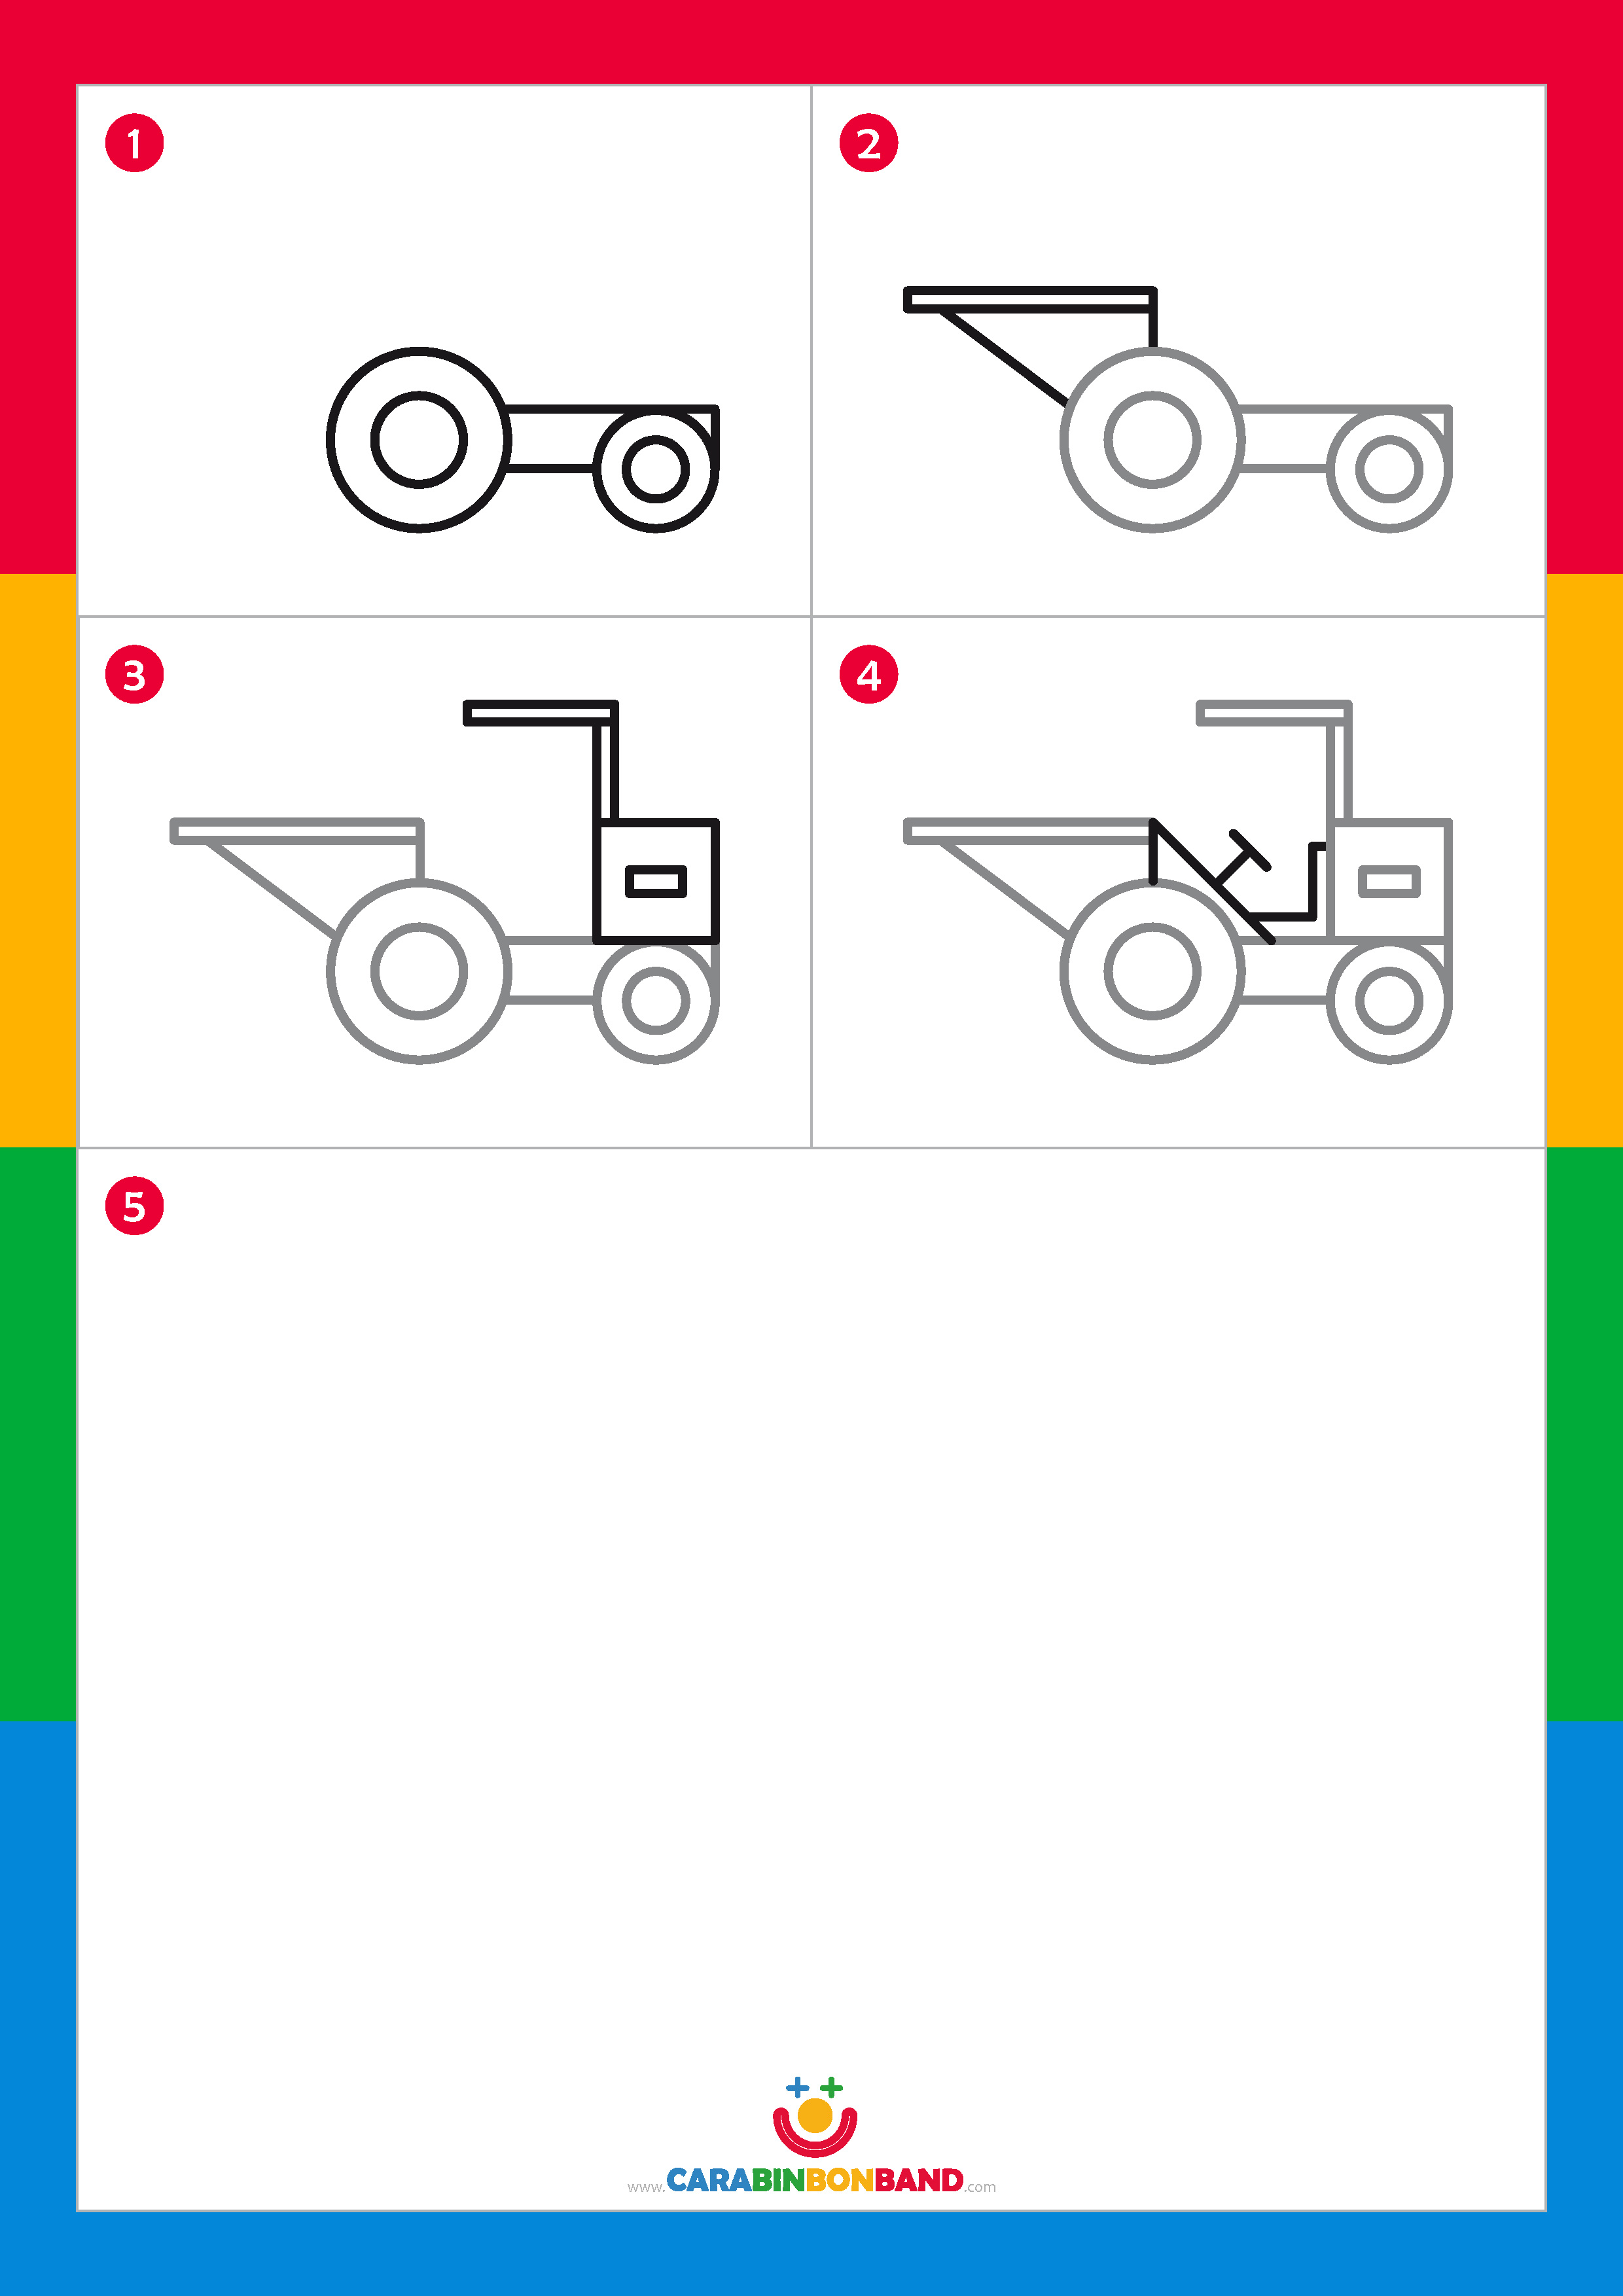 Tutoriales de dibujo: dumper fácil para niños